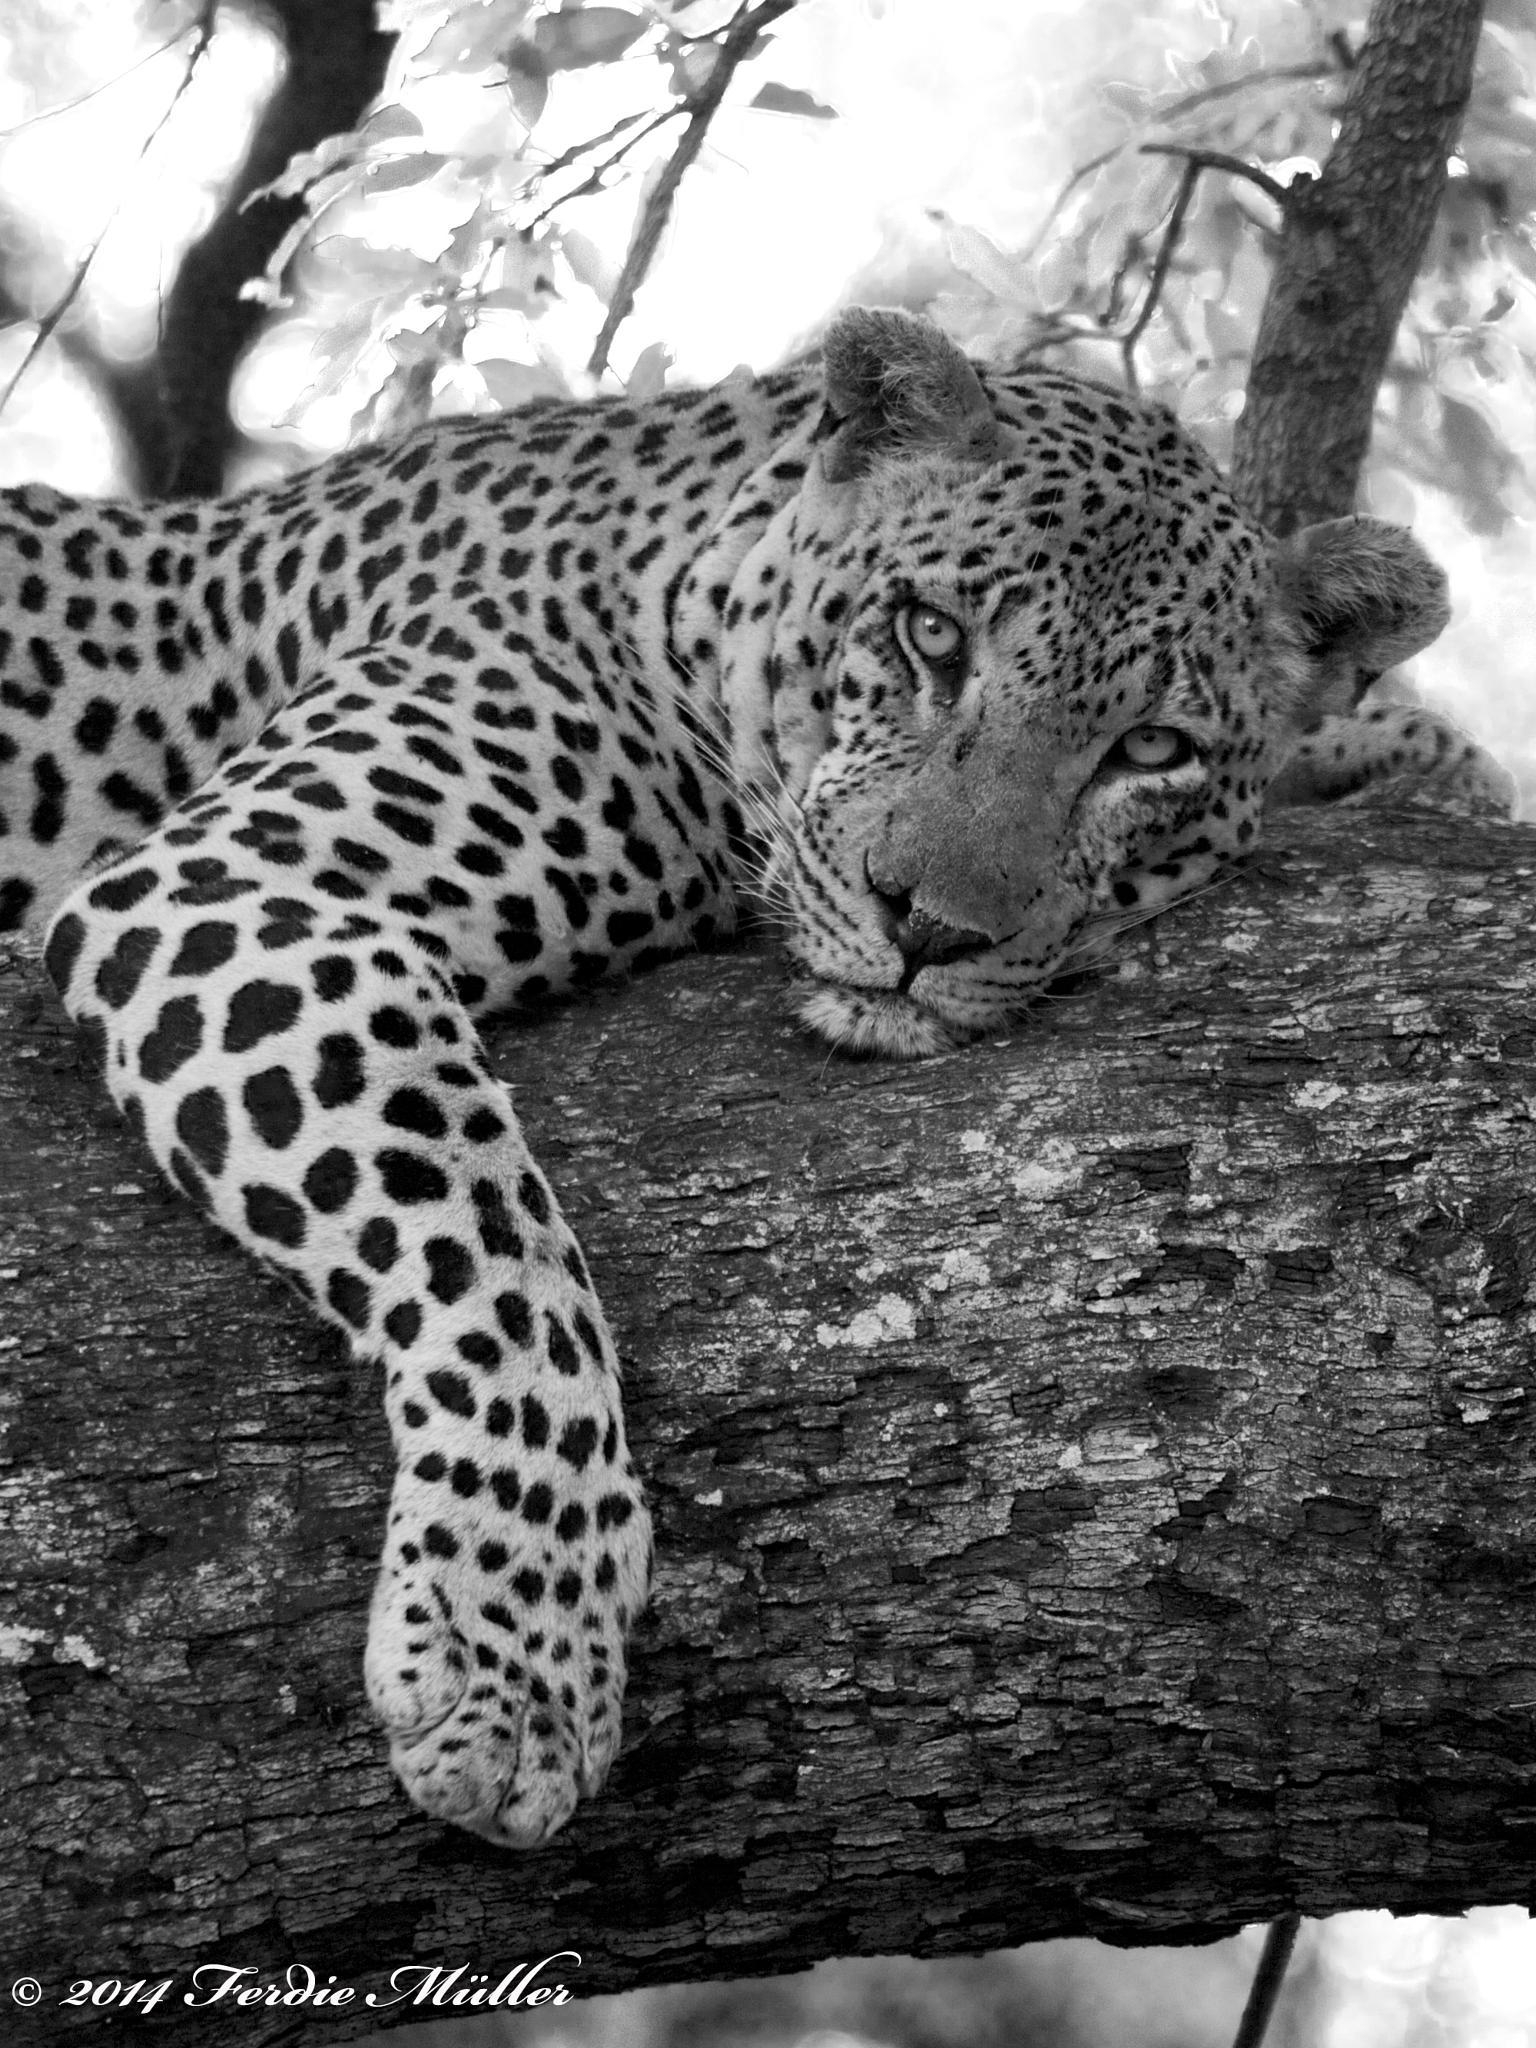 B&W Leopard by Ferdie Muller